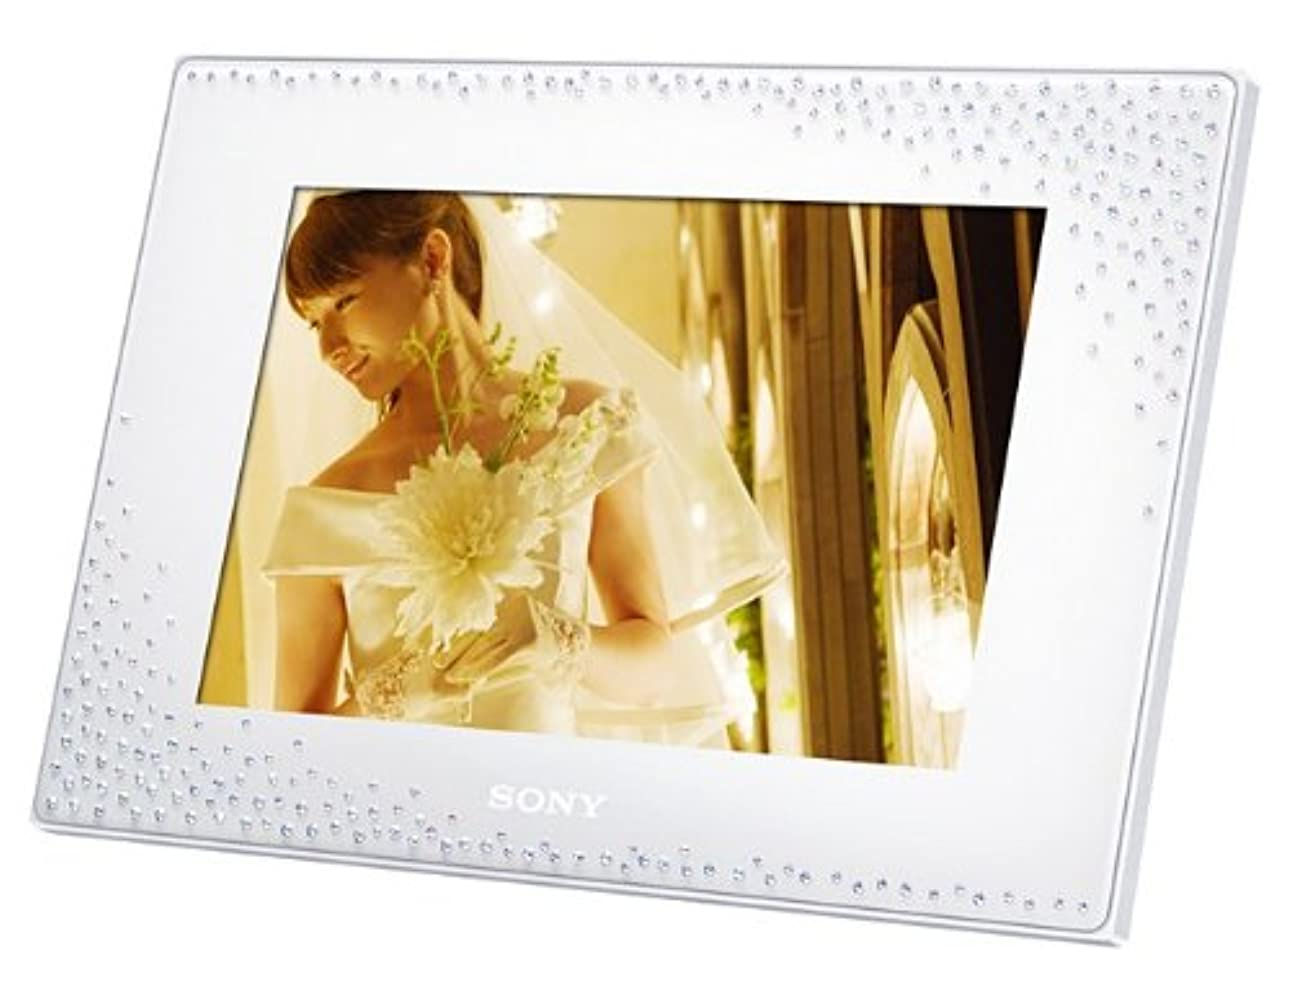 ソニー SONY デジタルフォトフレーム D75 スワロフスキーモデル ホワイト DPF-D75/WZ